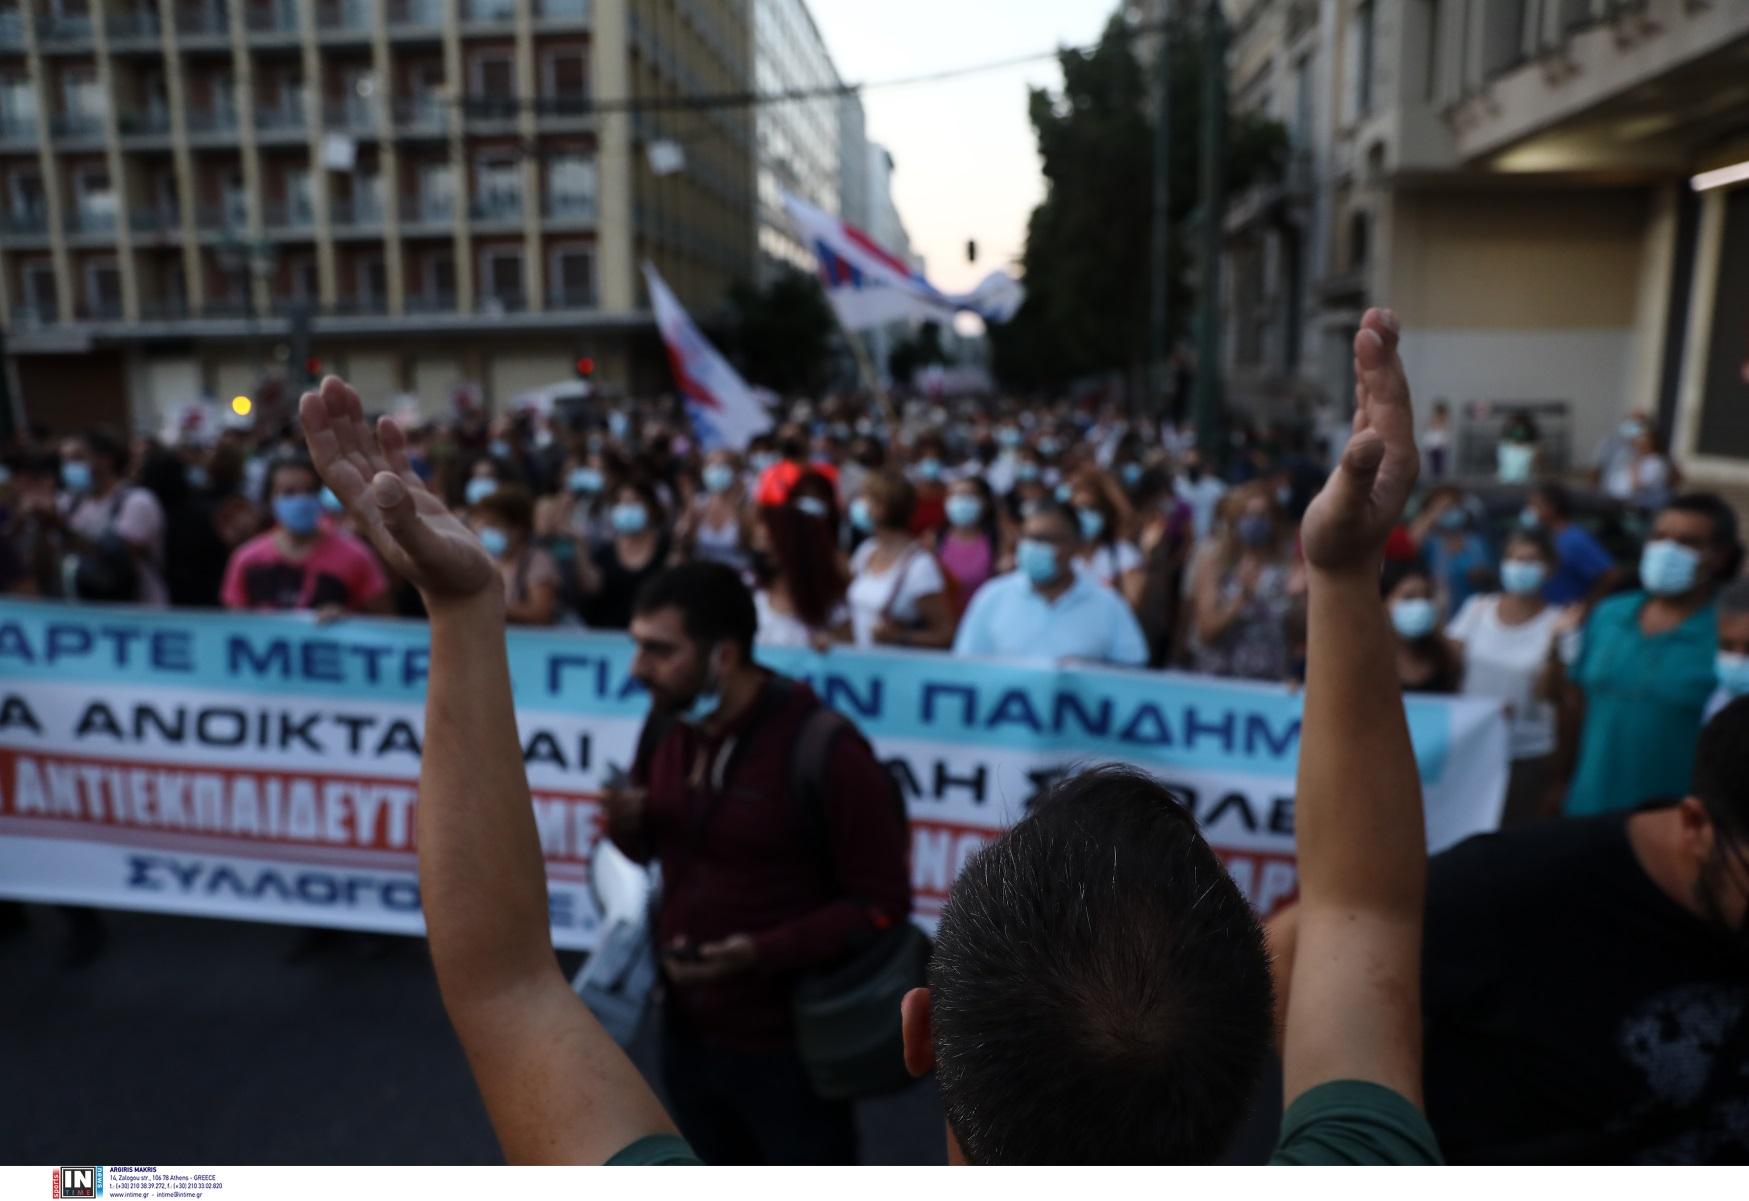 Πανεκπαιδευτικό συλλαλητήριο στην Αθήνα – «Θέλουμε ασφαλή σχολεία με μέτρα προστασίας»